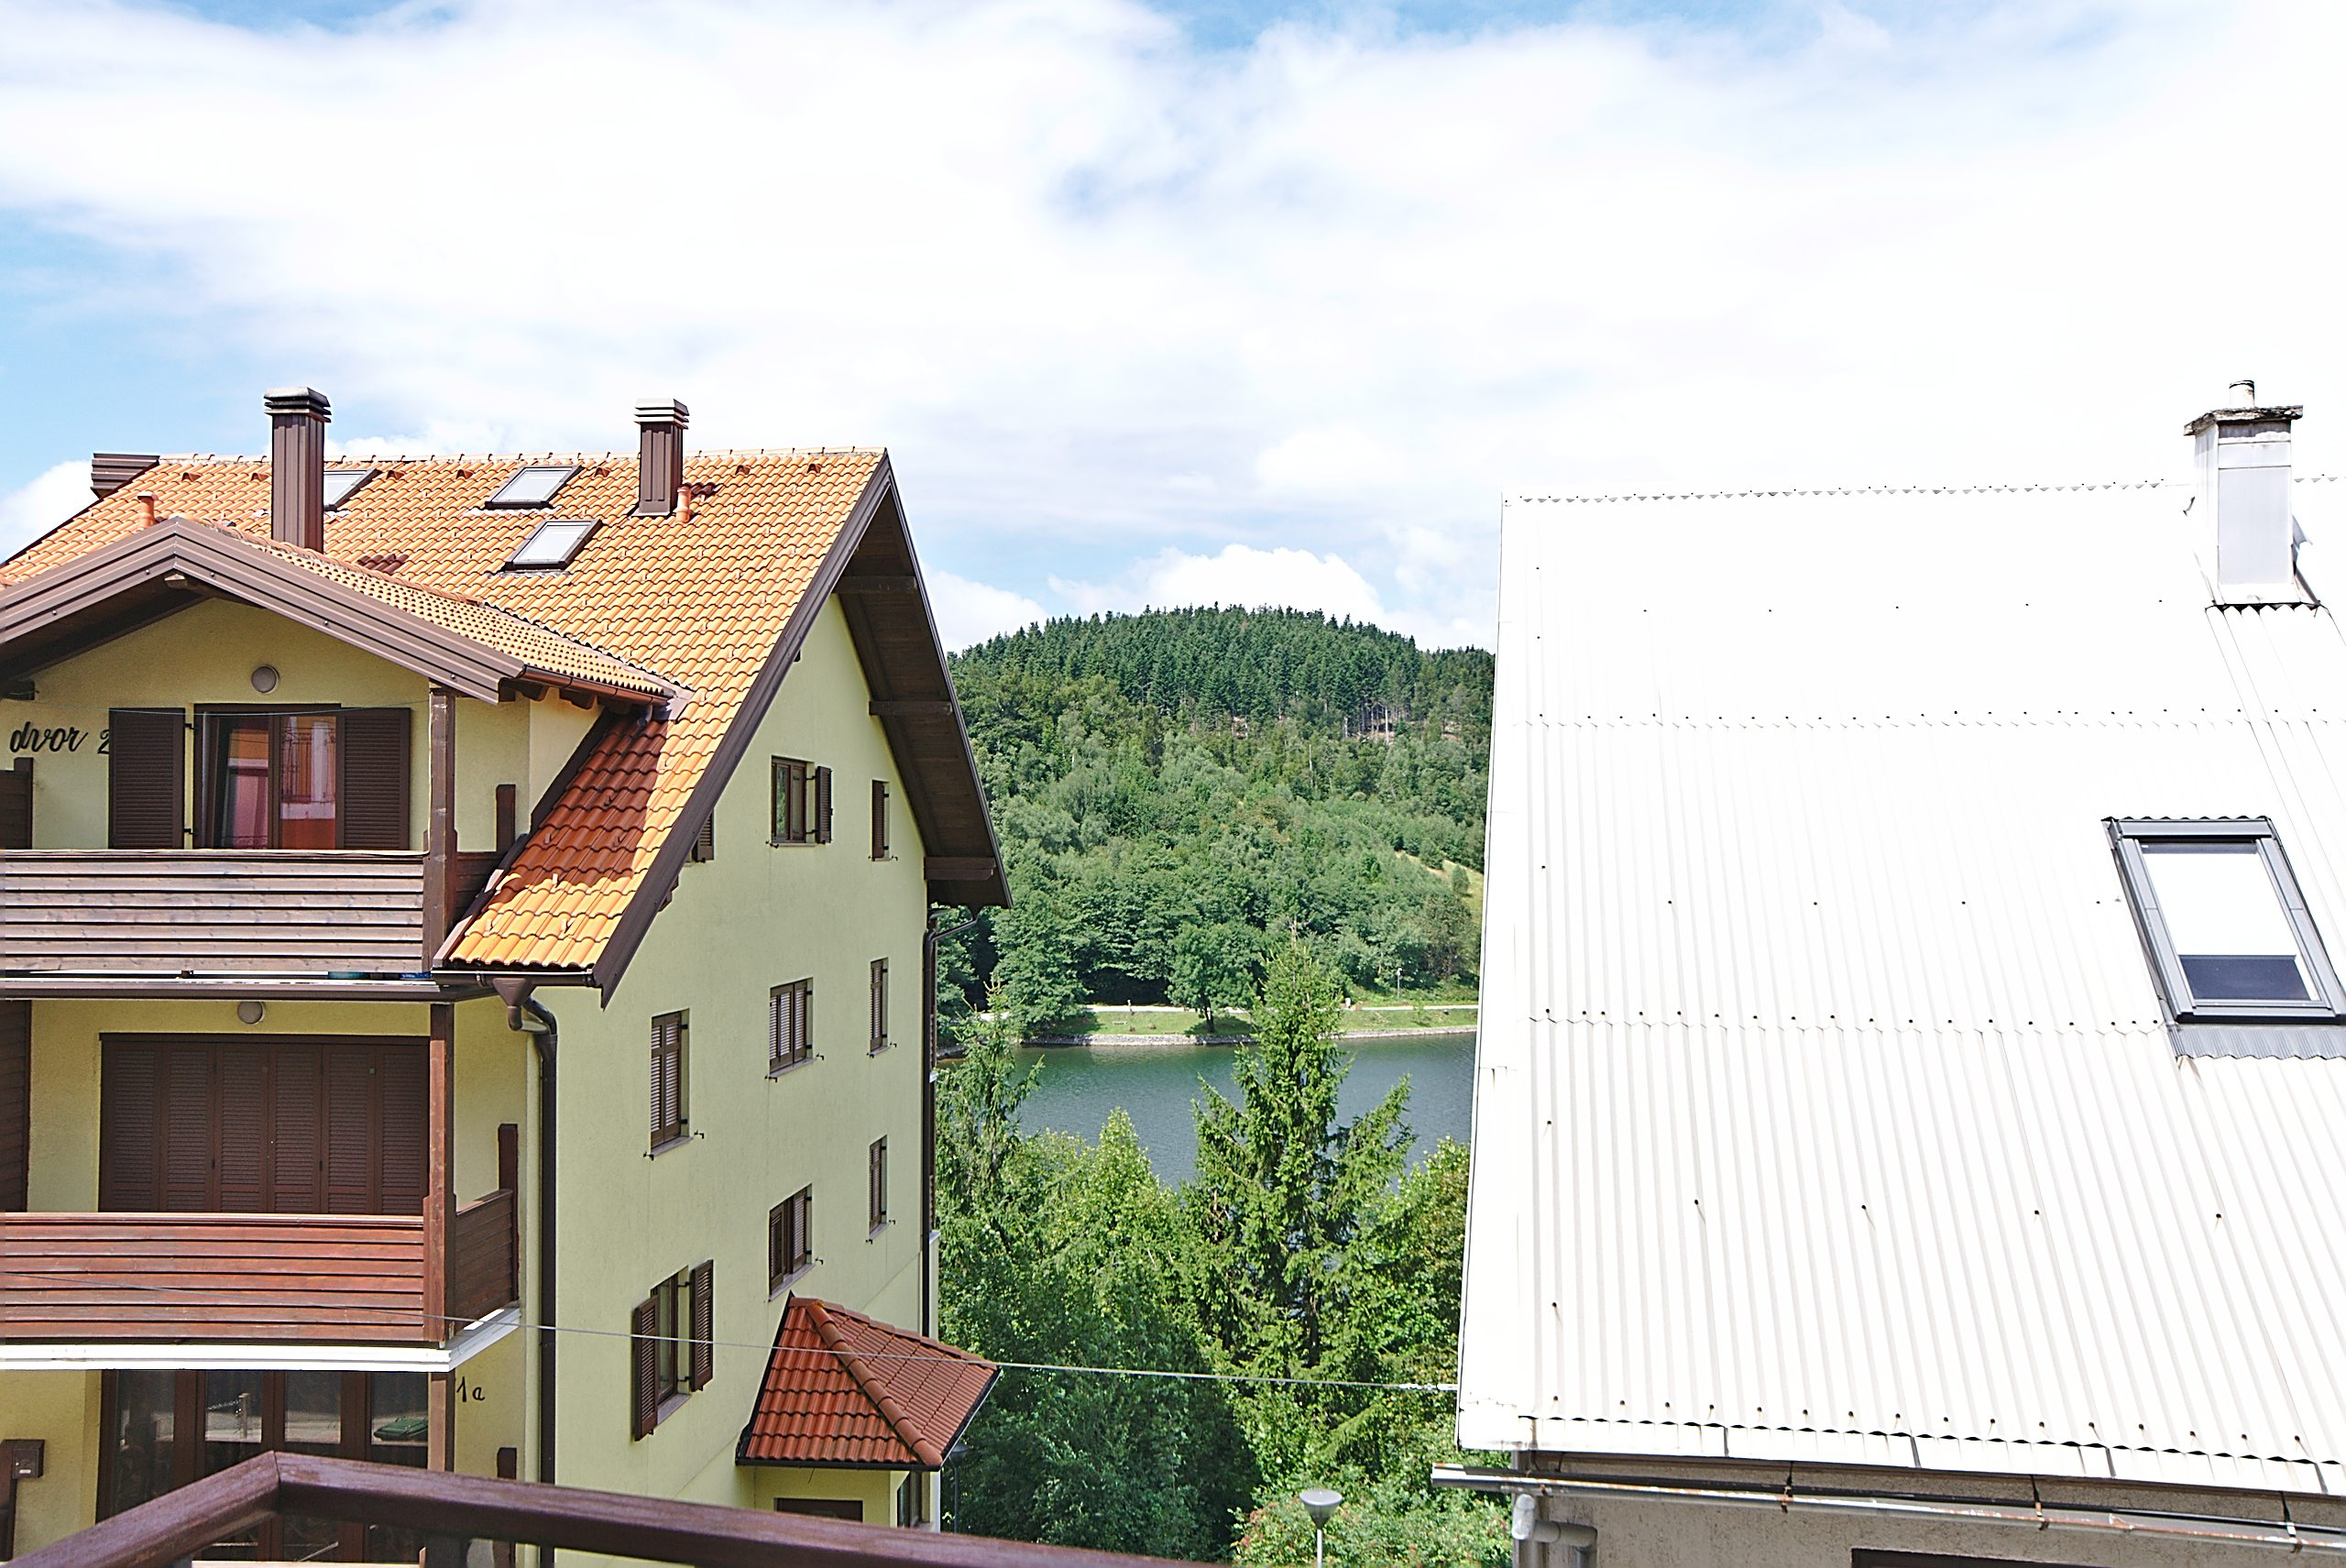 Dom i stil by Dogma: Goransko utočište u Fužinama